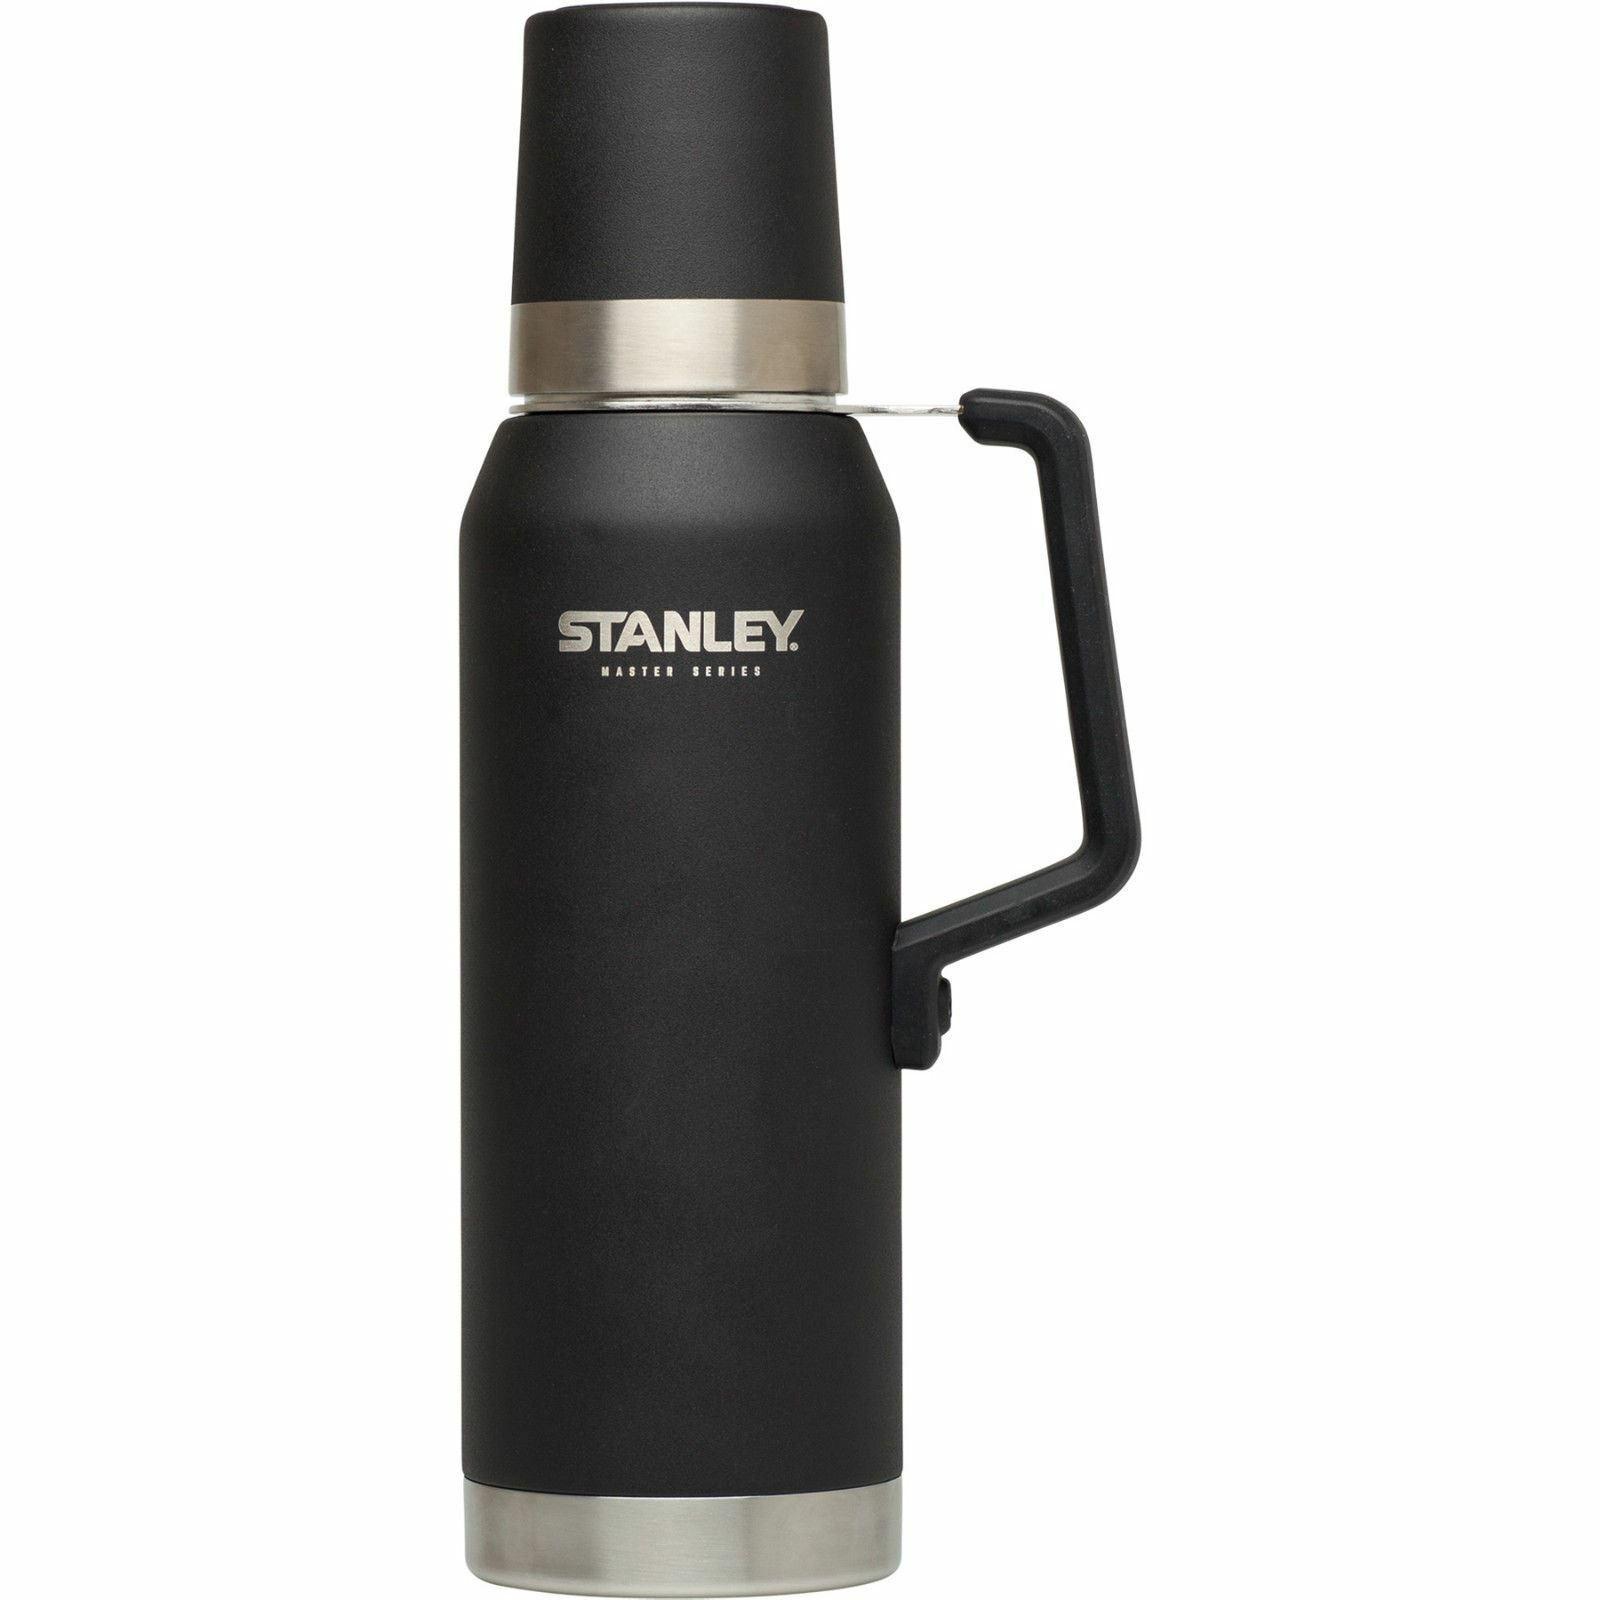 STANLEY STANLEY STANLEY MASTER SOTTOVUOTO BOTTIGLIA Nero 1.3L a54cce